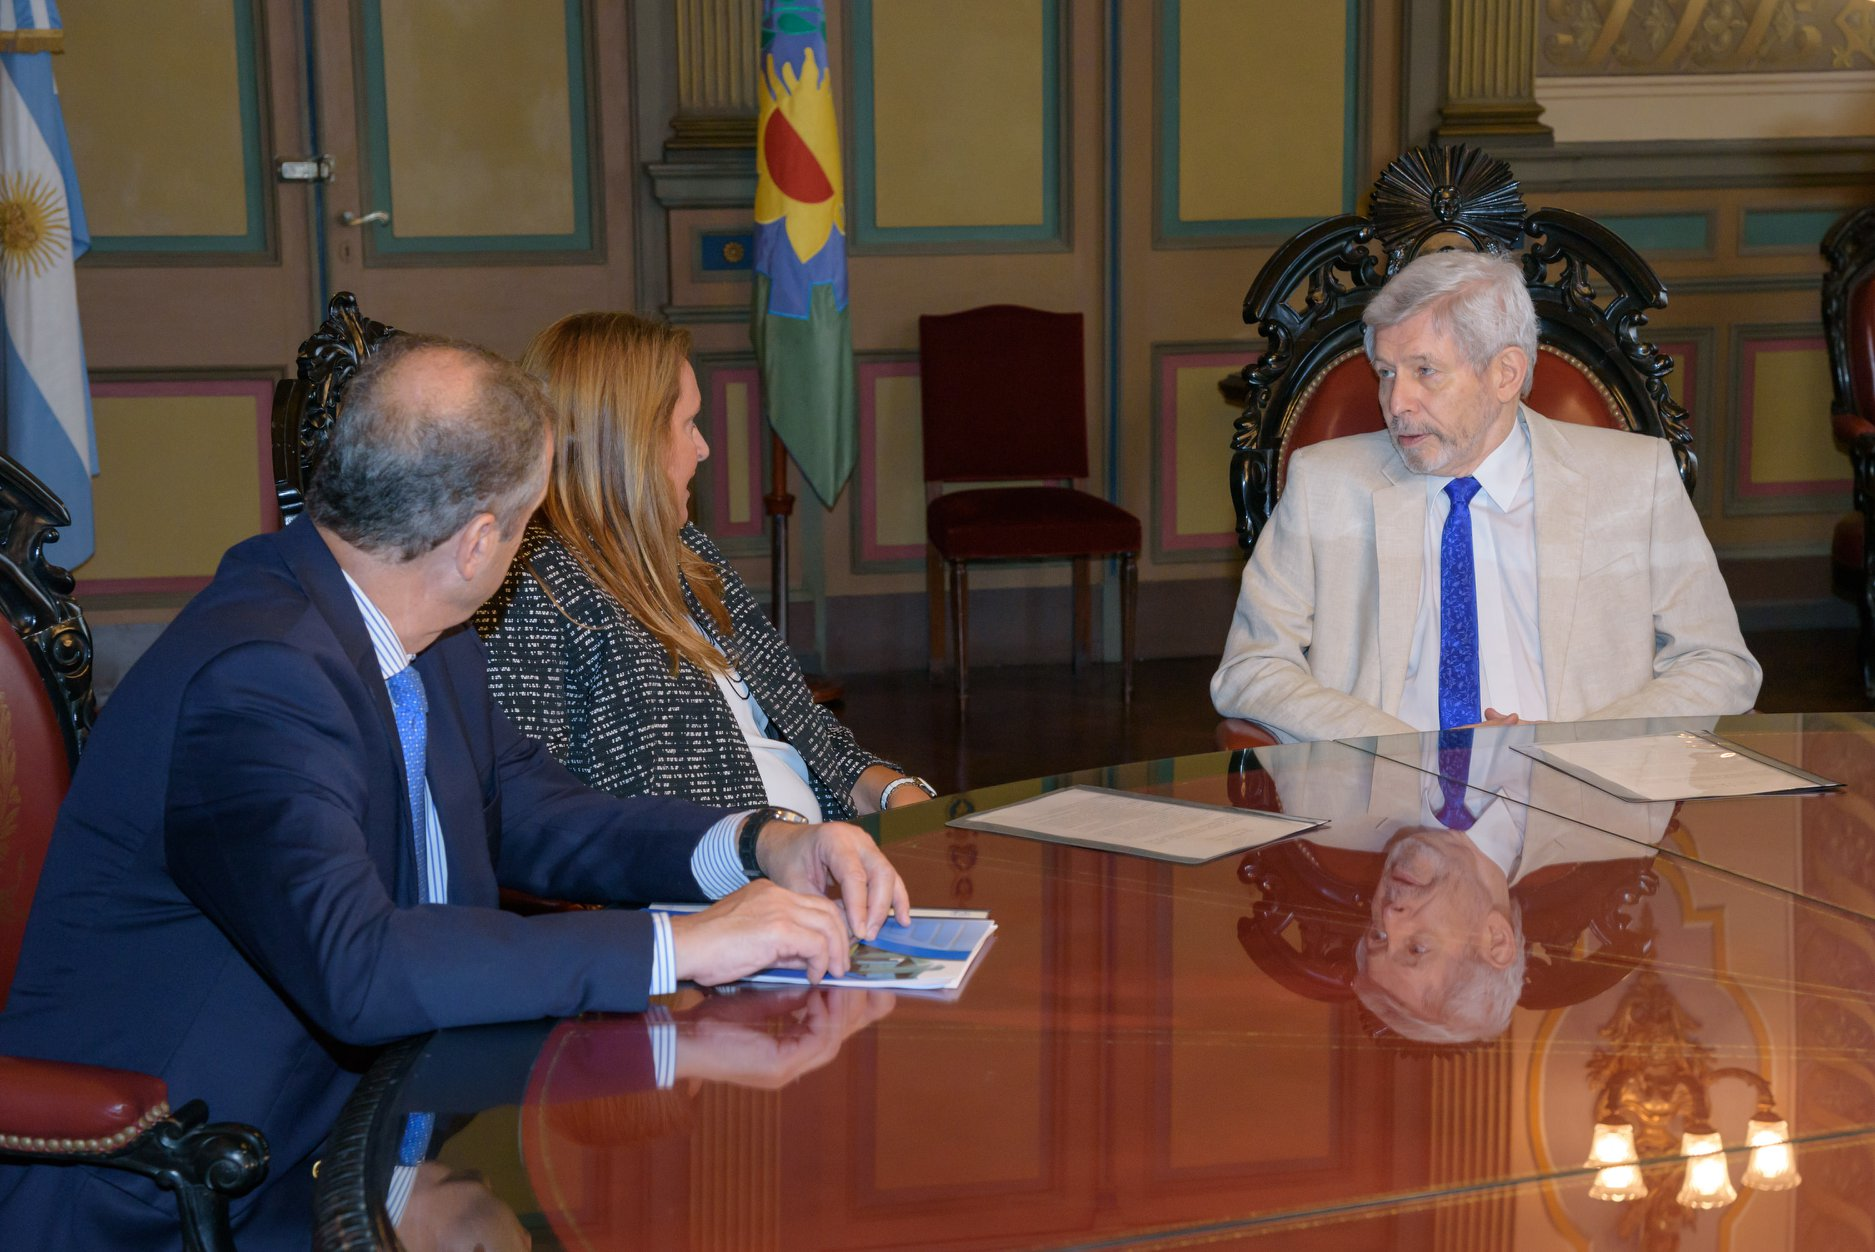 La Facultad firmó convenio con la Suprema Corte de Justicia bonaerense